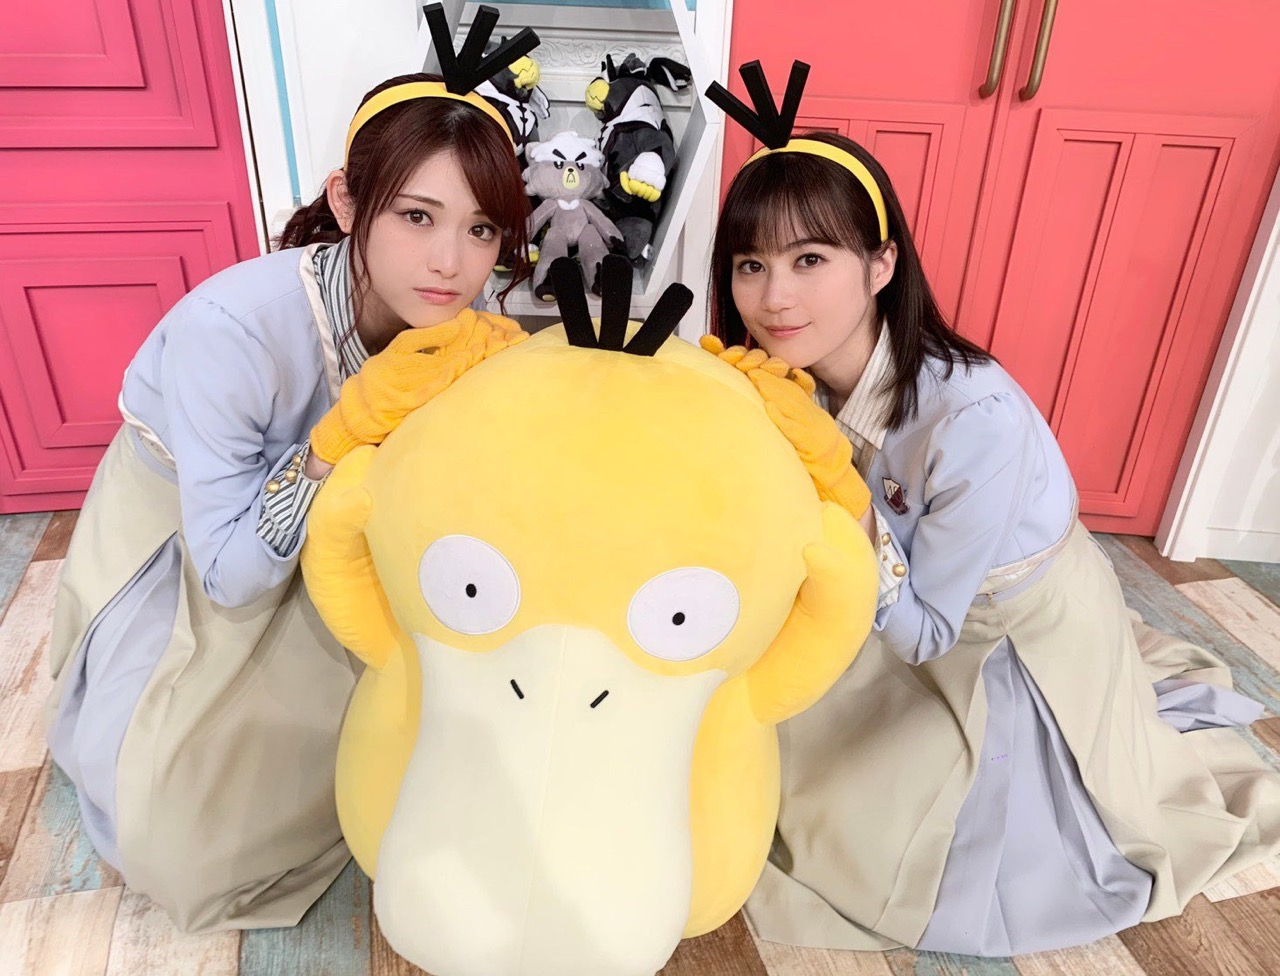 乃木坂46 生田絵梨花&松村沙友理が「ポケモンの家あつまる?」にゲスト出演!